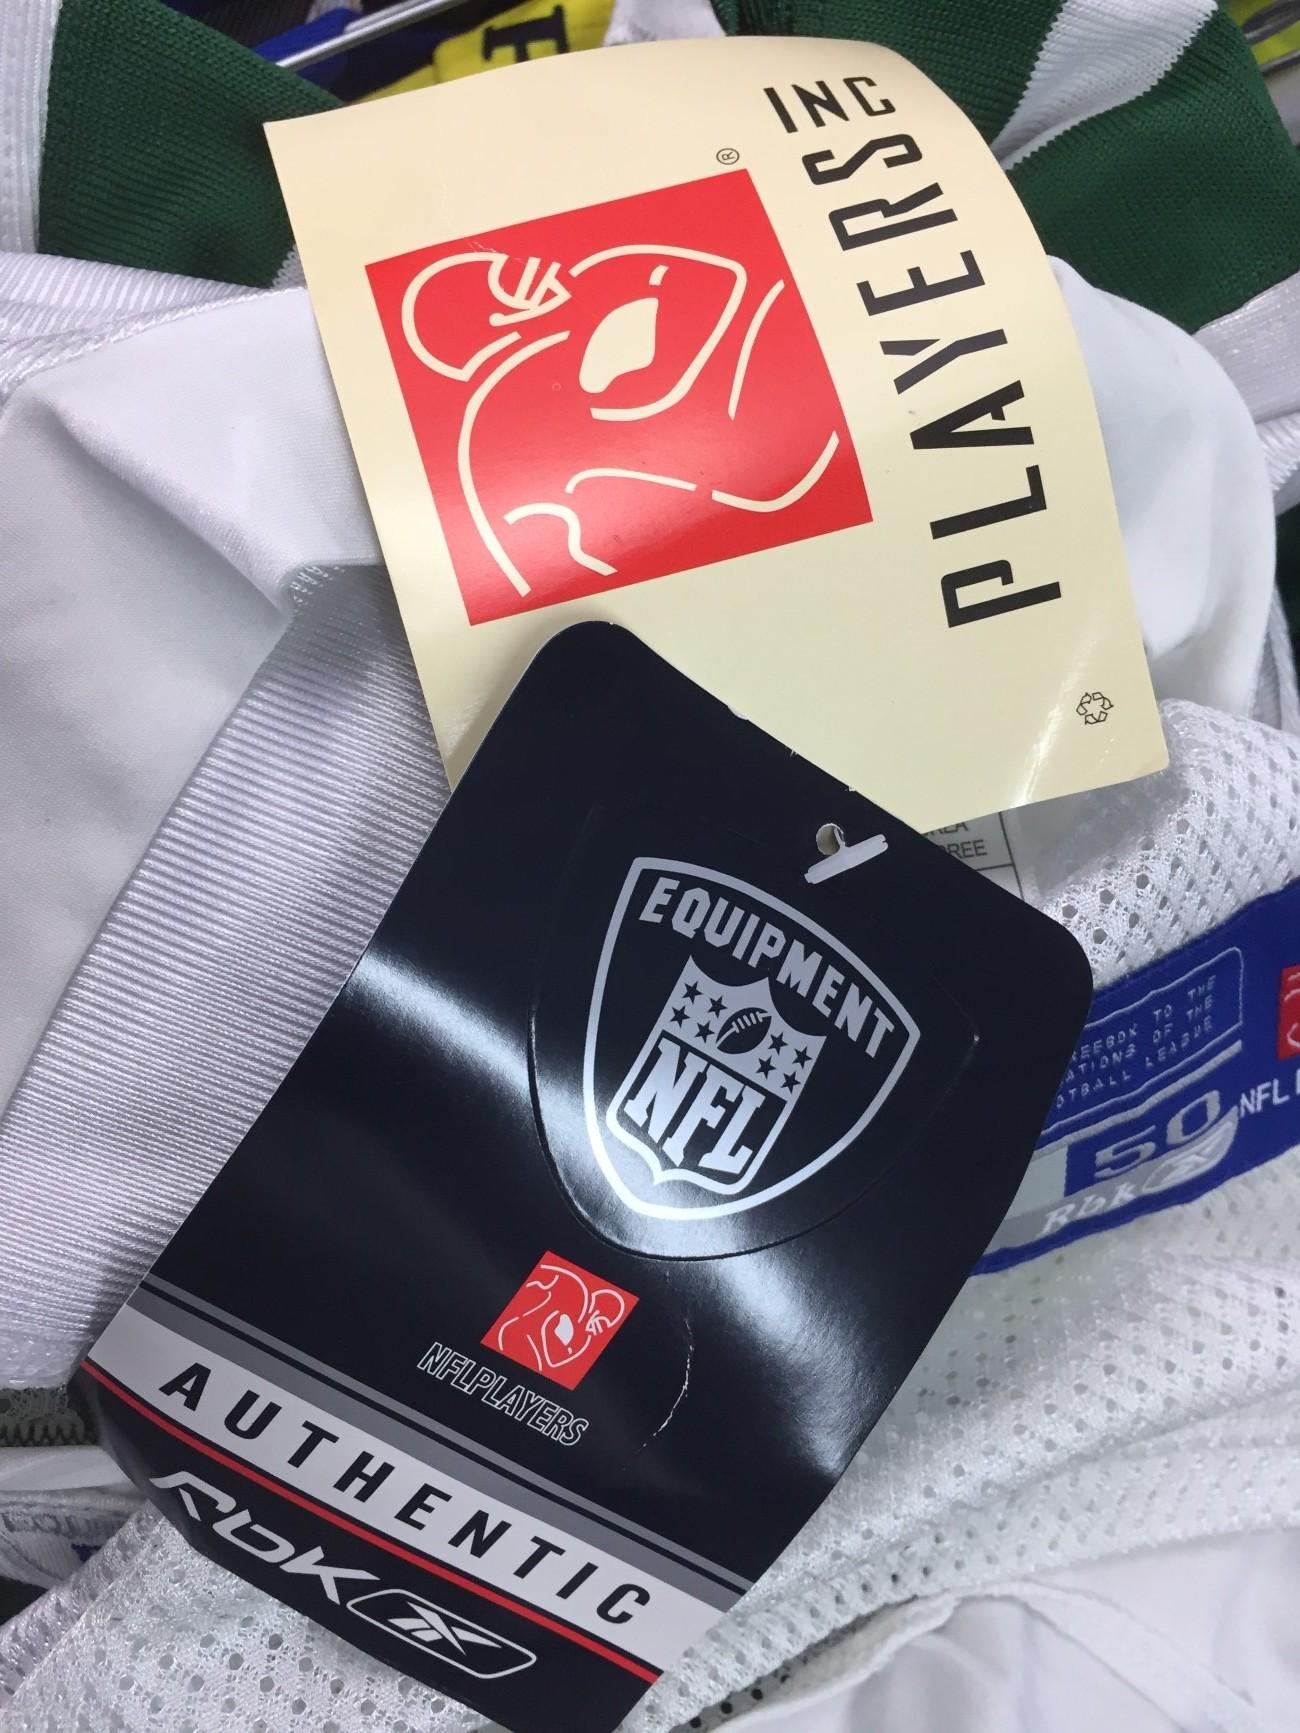 ... NEW New York Jets NFL Shirt (50)  4 Brett Favre acd85b2ec